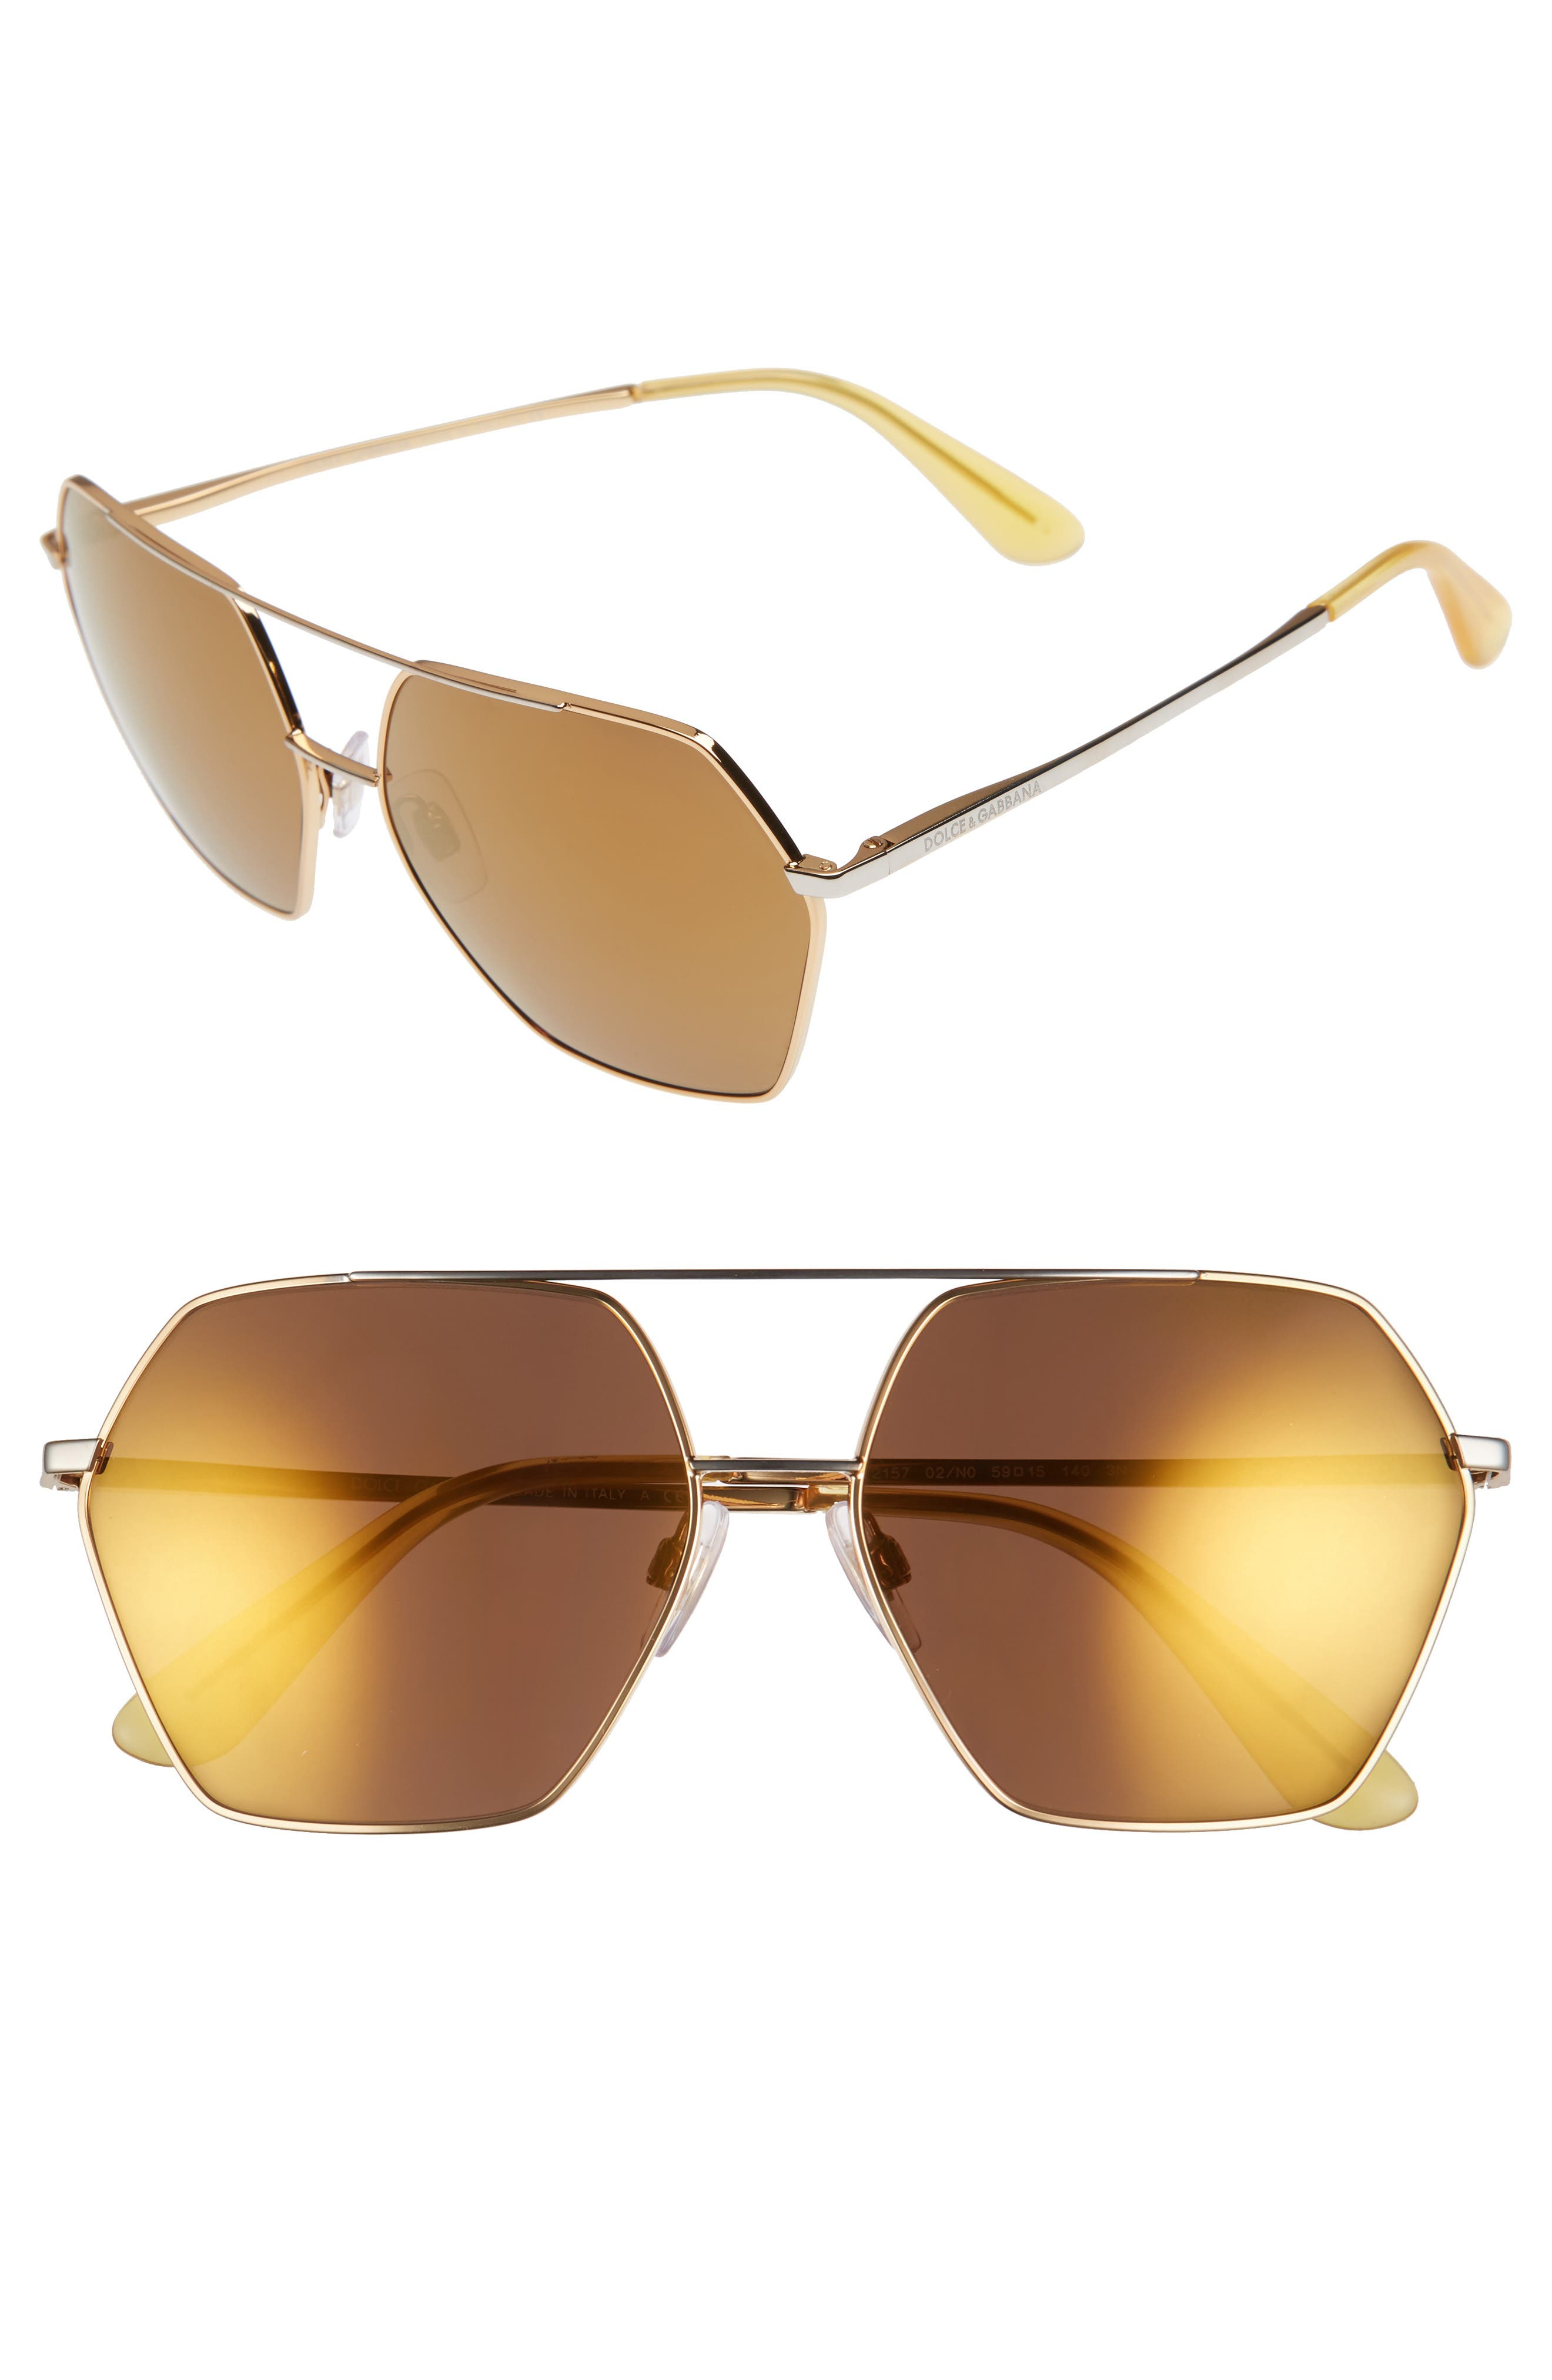 Dolce&Gabbana 59mm Mirrored Aviator Sunglasses